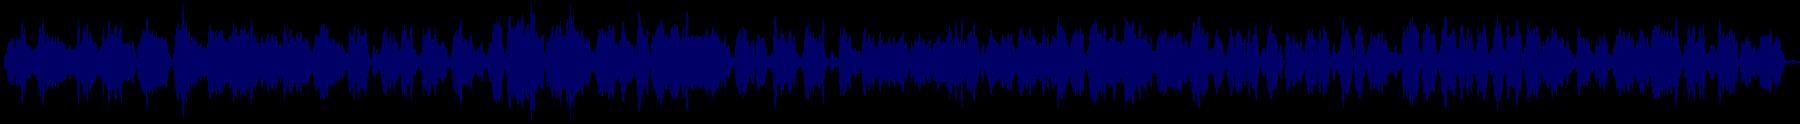 waveform of track #74859